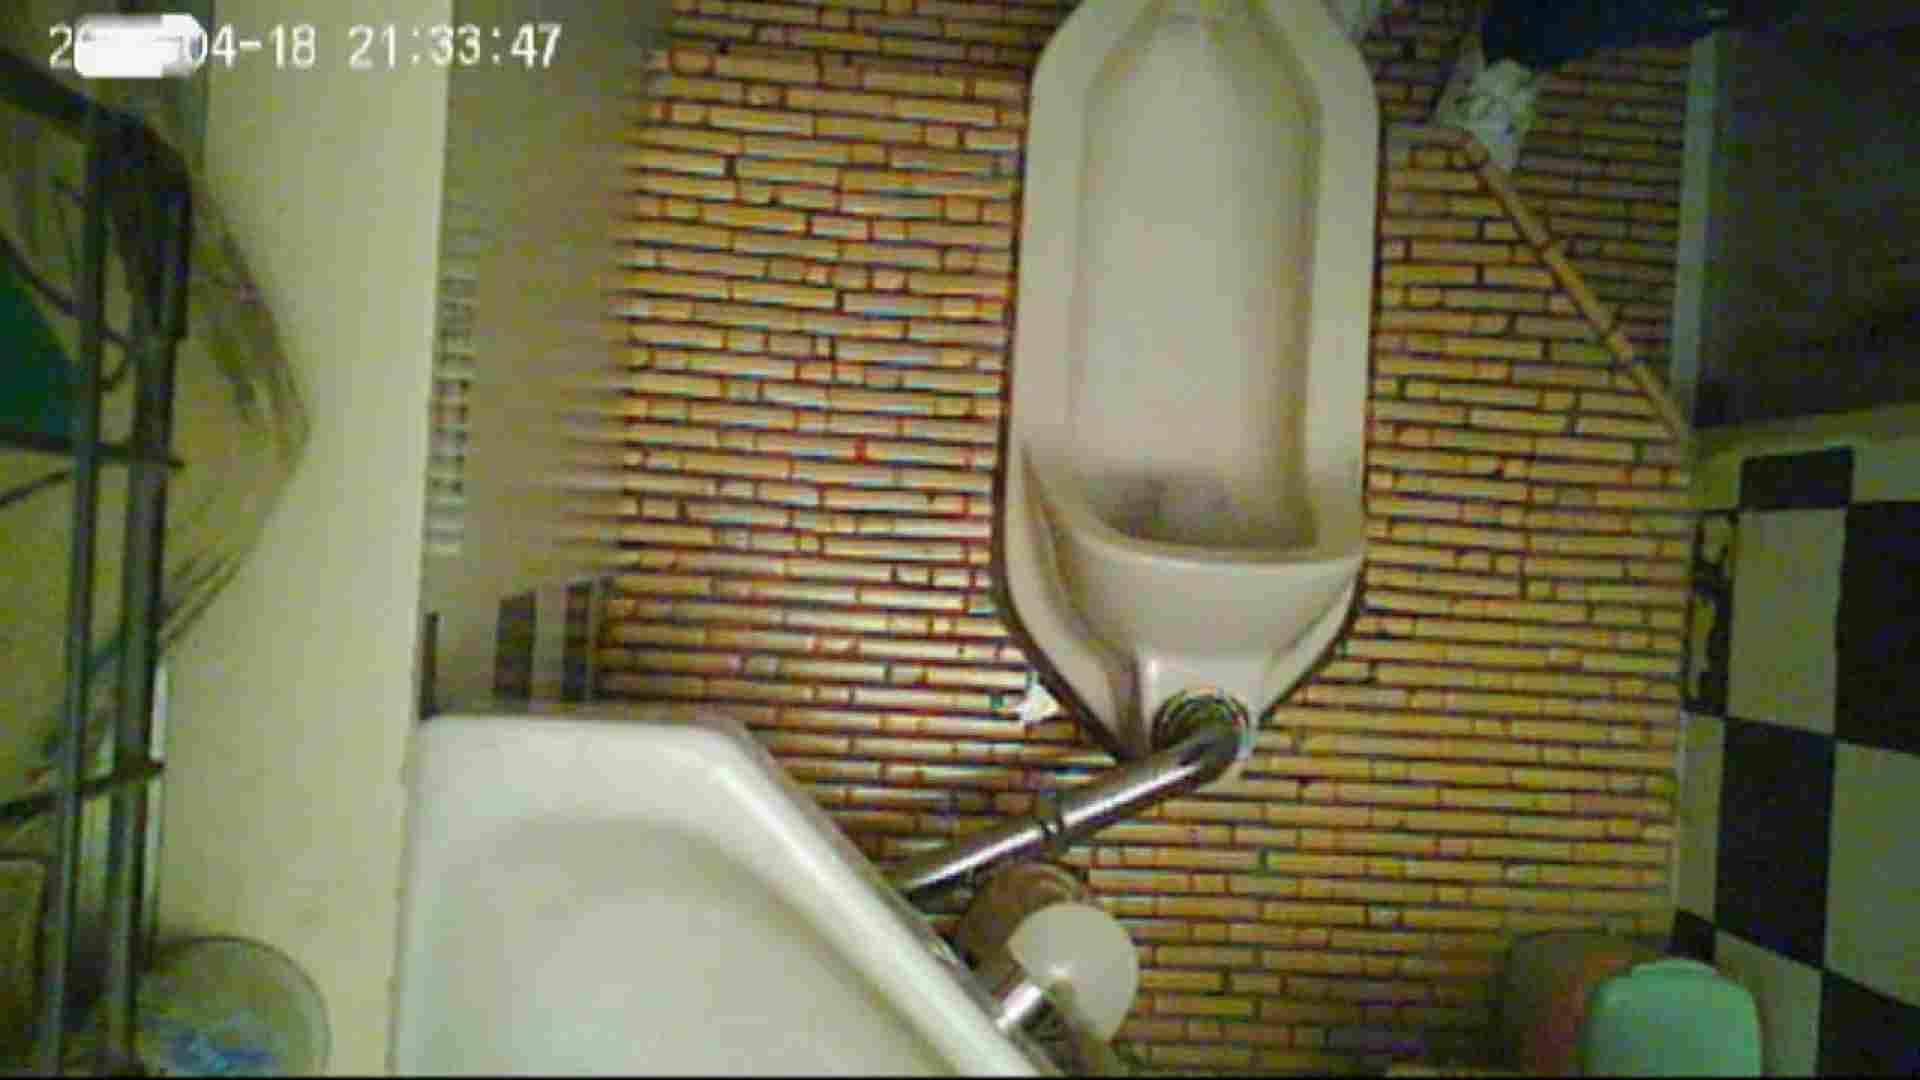 和式トイレの喫茶店店主マロンさんのコレクションvol.6 ガールの盗撮 AV無料 70枚